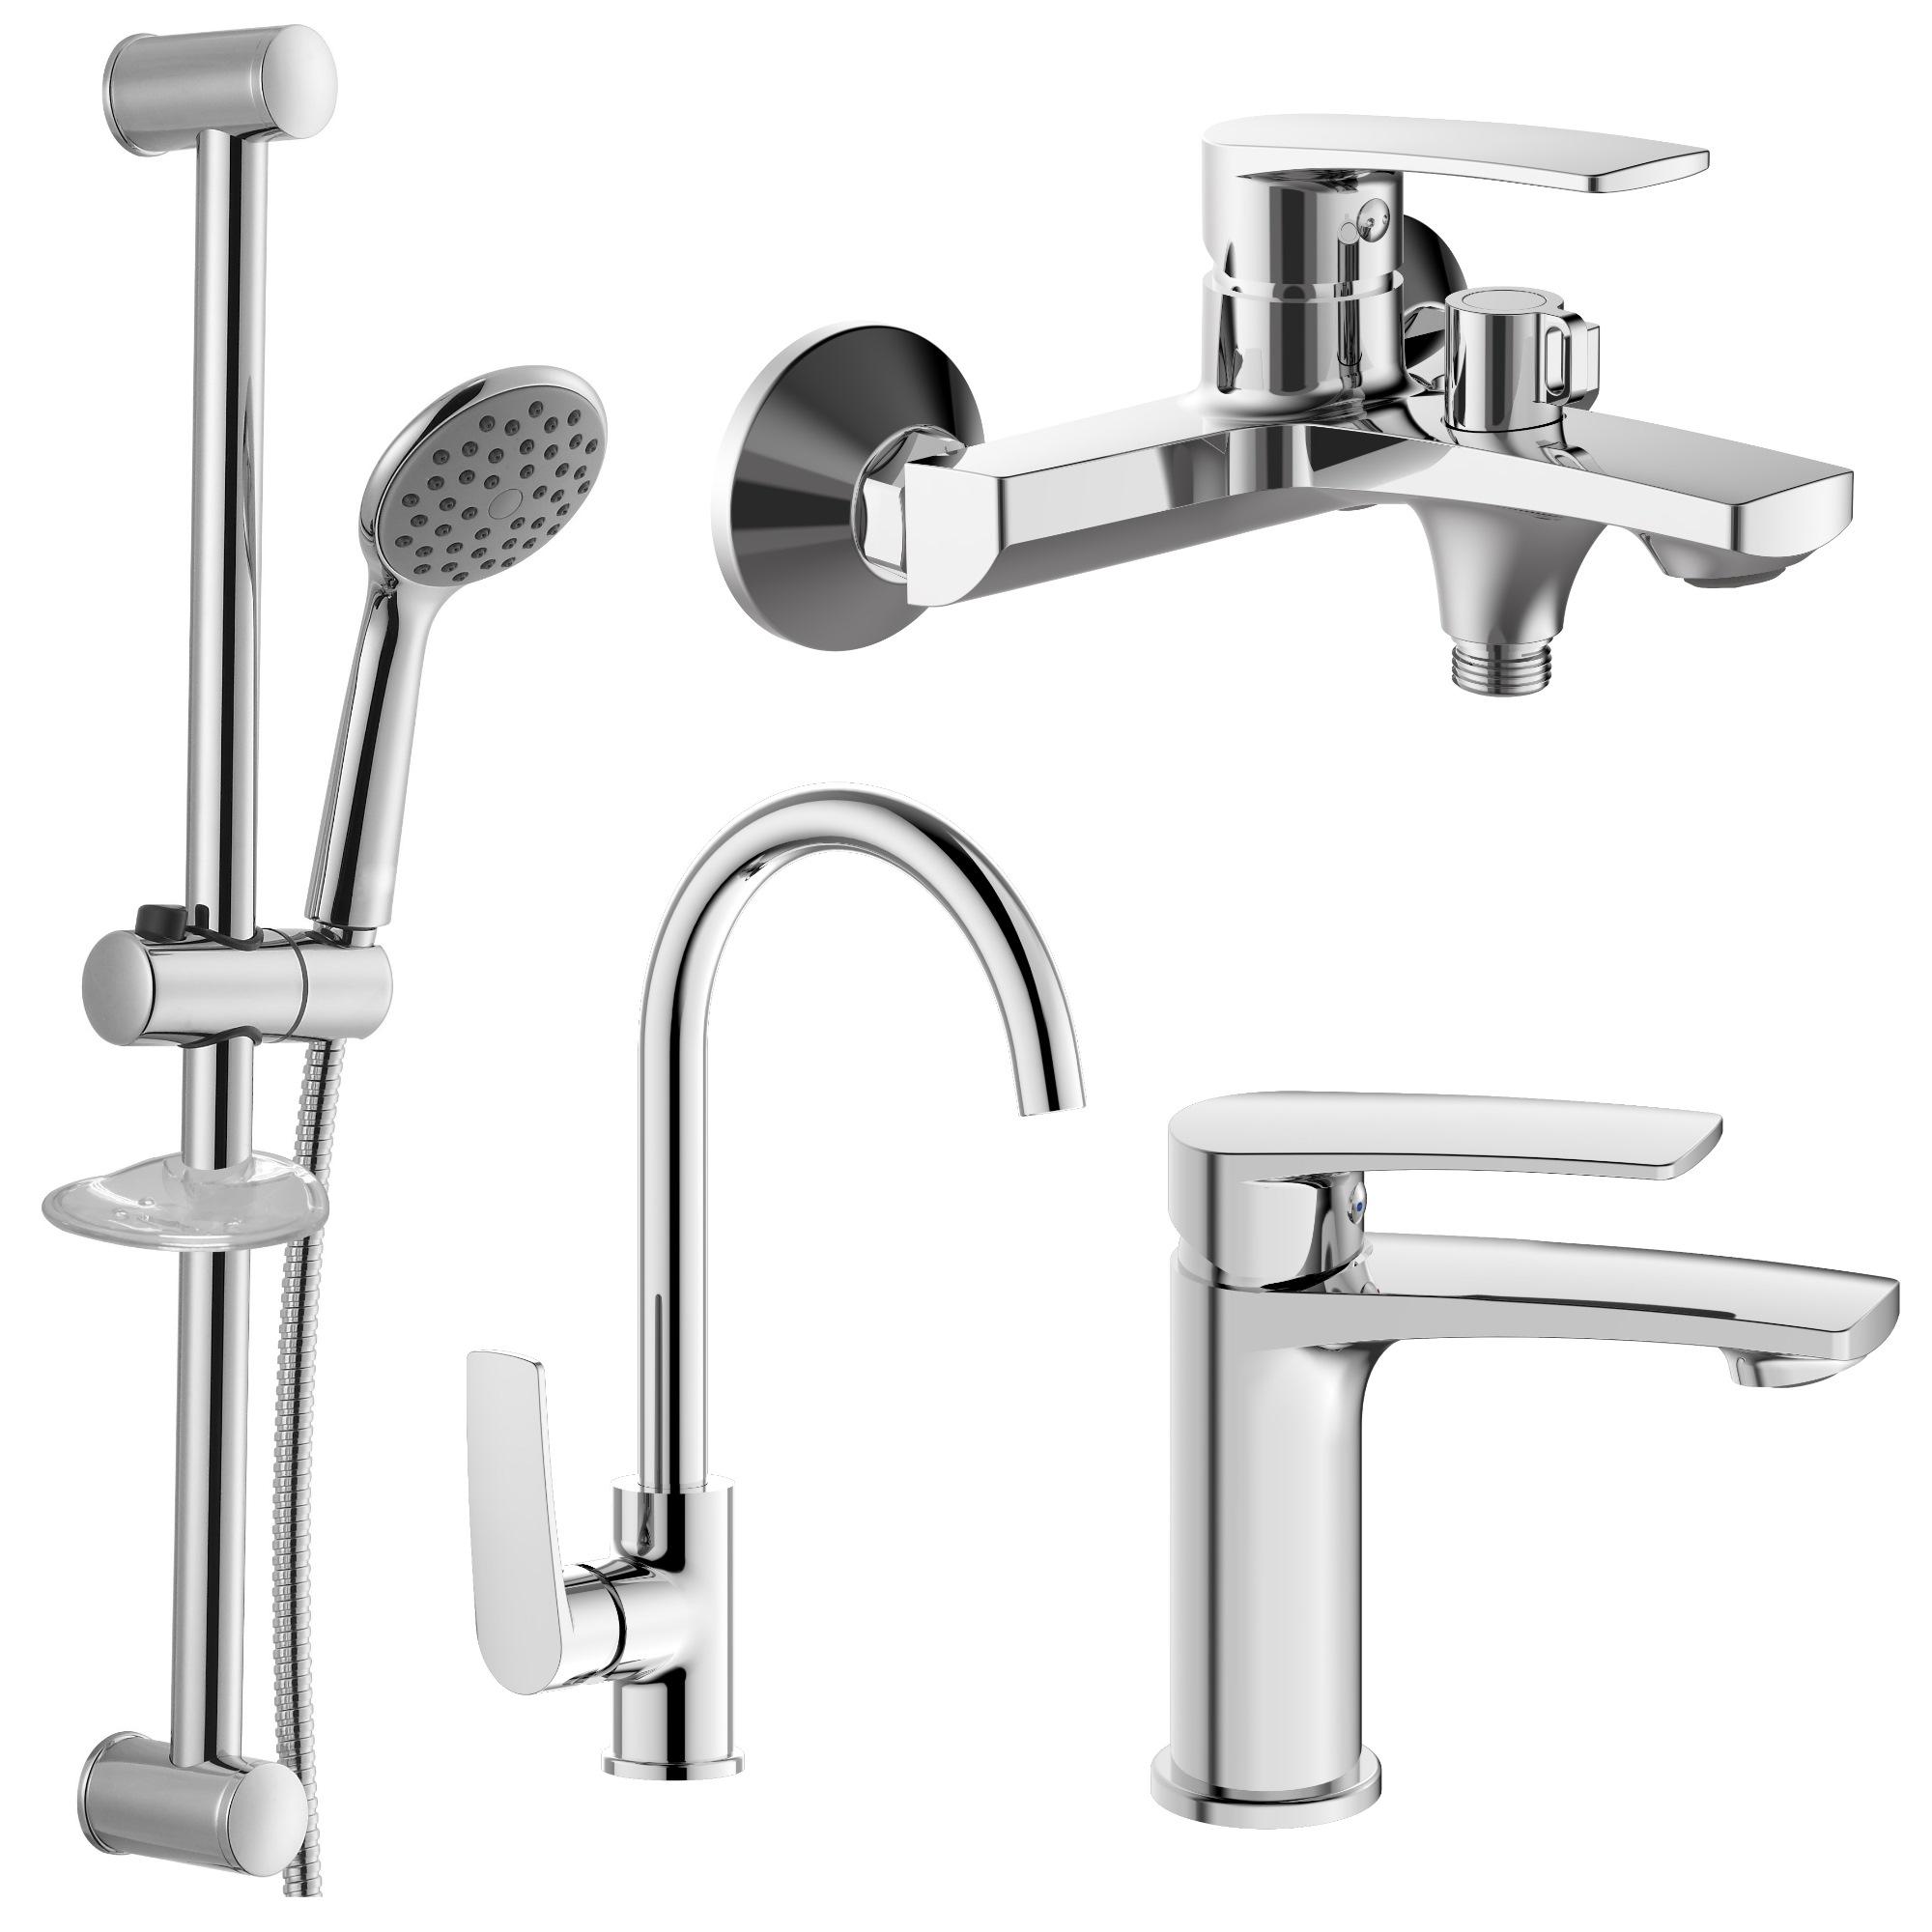 Набор смесителей Imprese Kampa 4 в 1 для ванны и кухни 51028556